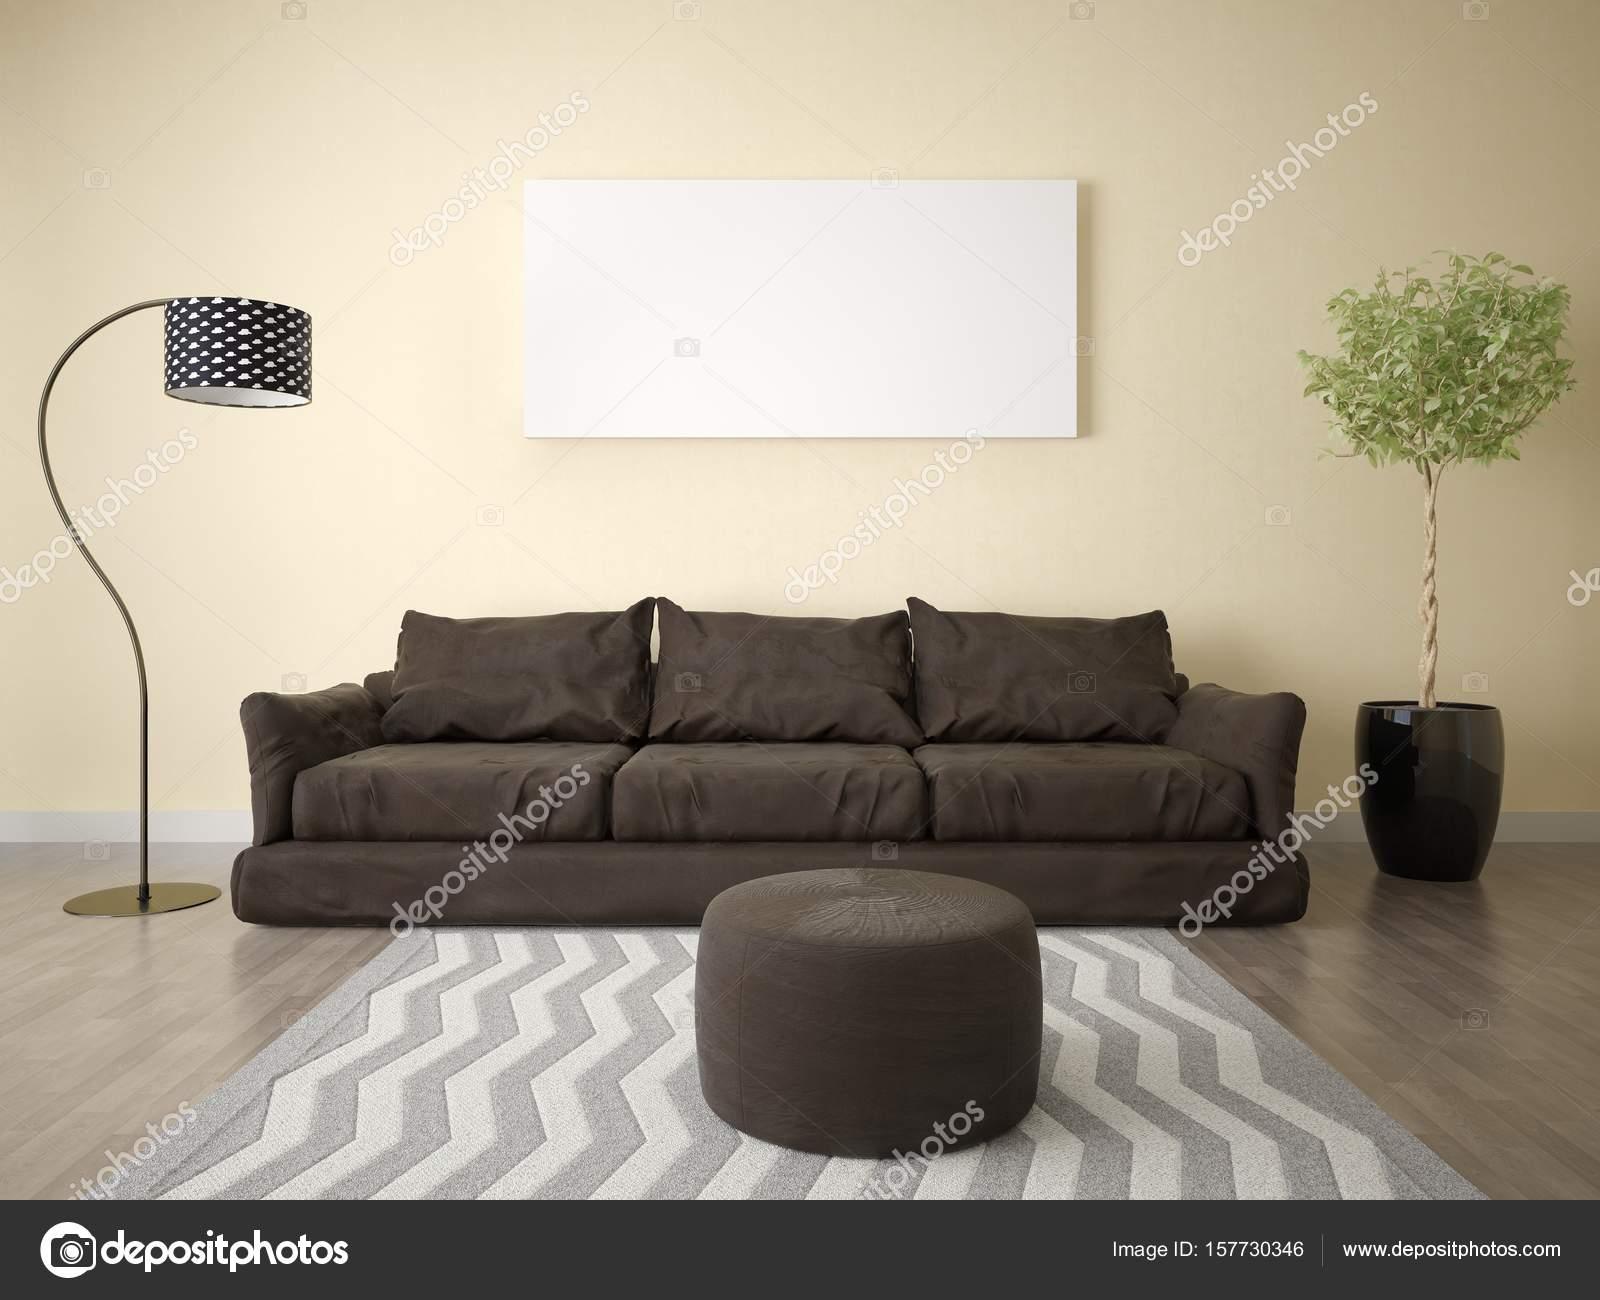 salon avec canap marron fabulous large size of pas cl vieilli convertible imitation salon. Black Bedroom Furniture Sets. Home Design Ideas